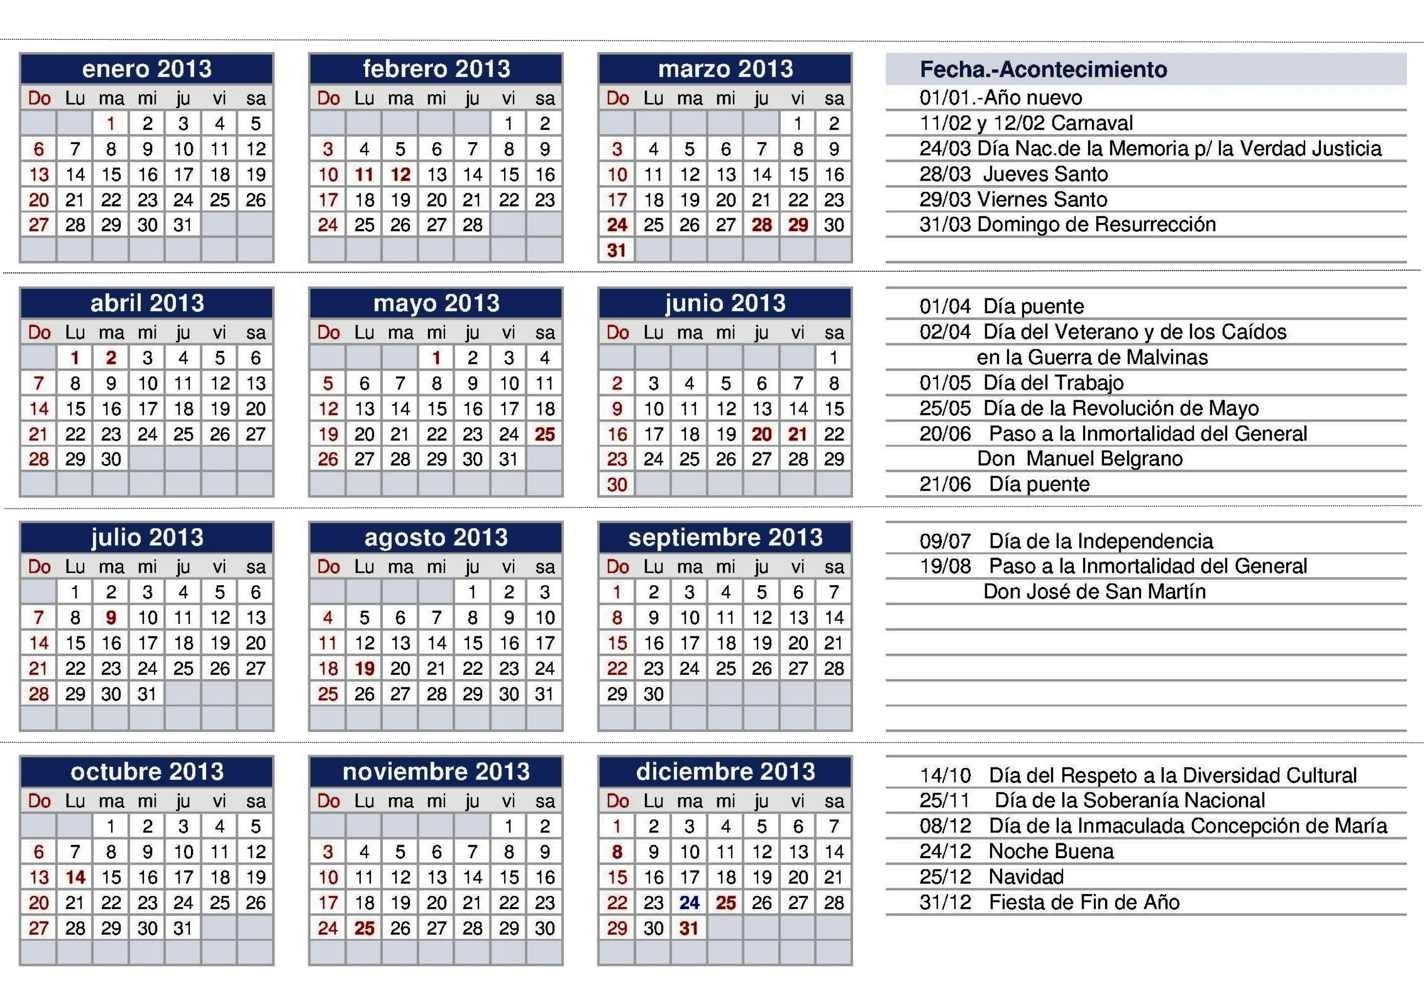 Calendario 2013 Para Imprimir | Usgvox.nl inside Calendrio 2013 Para Imprimir Gratis